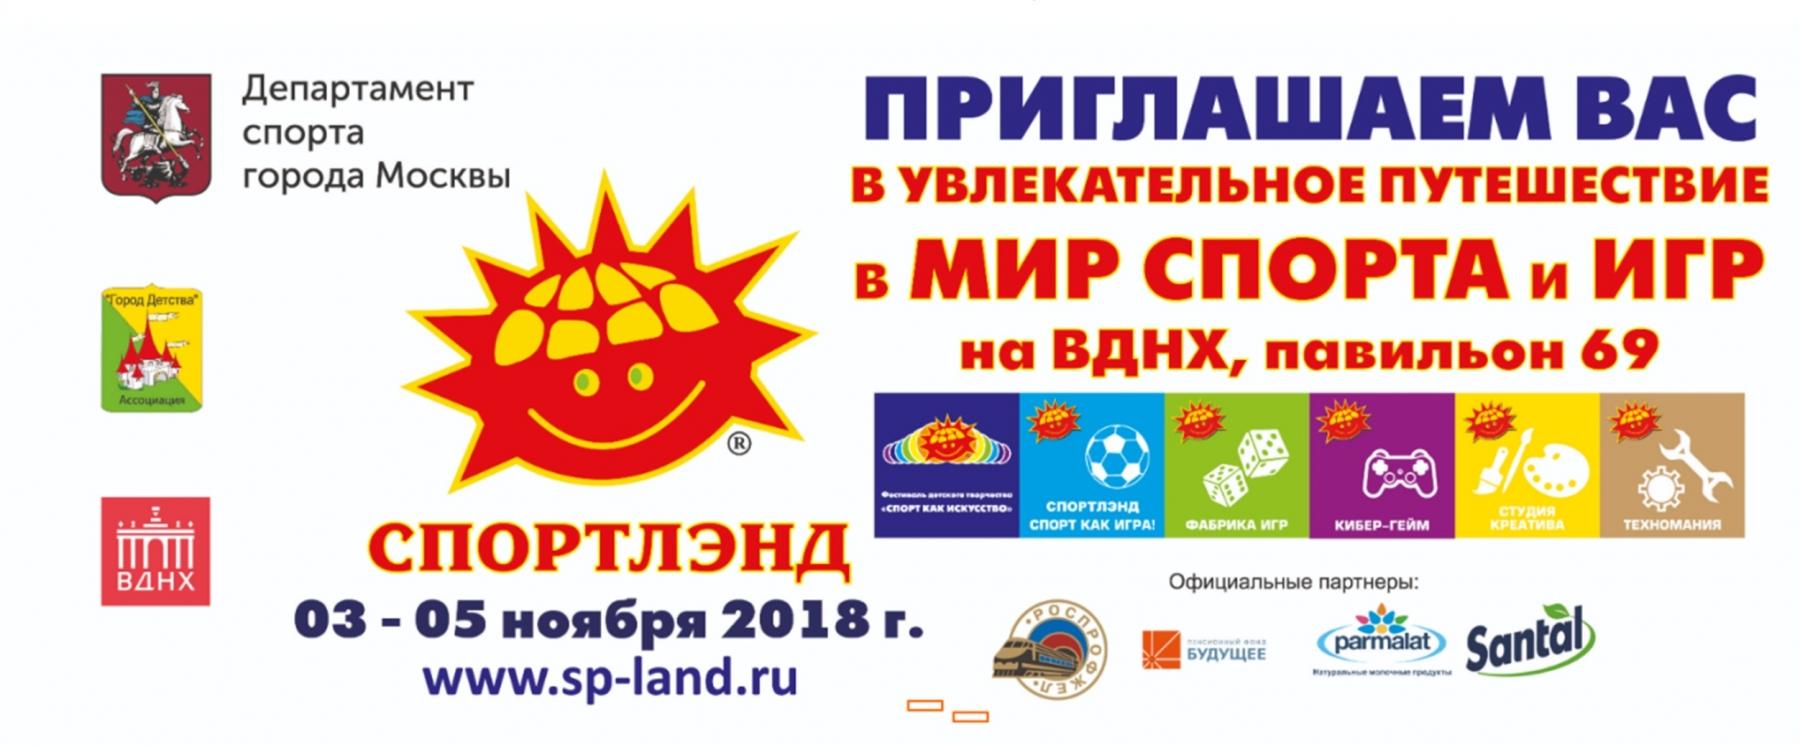 vgif-ru-26377